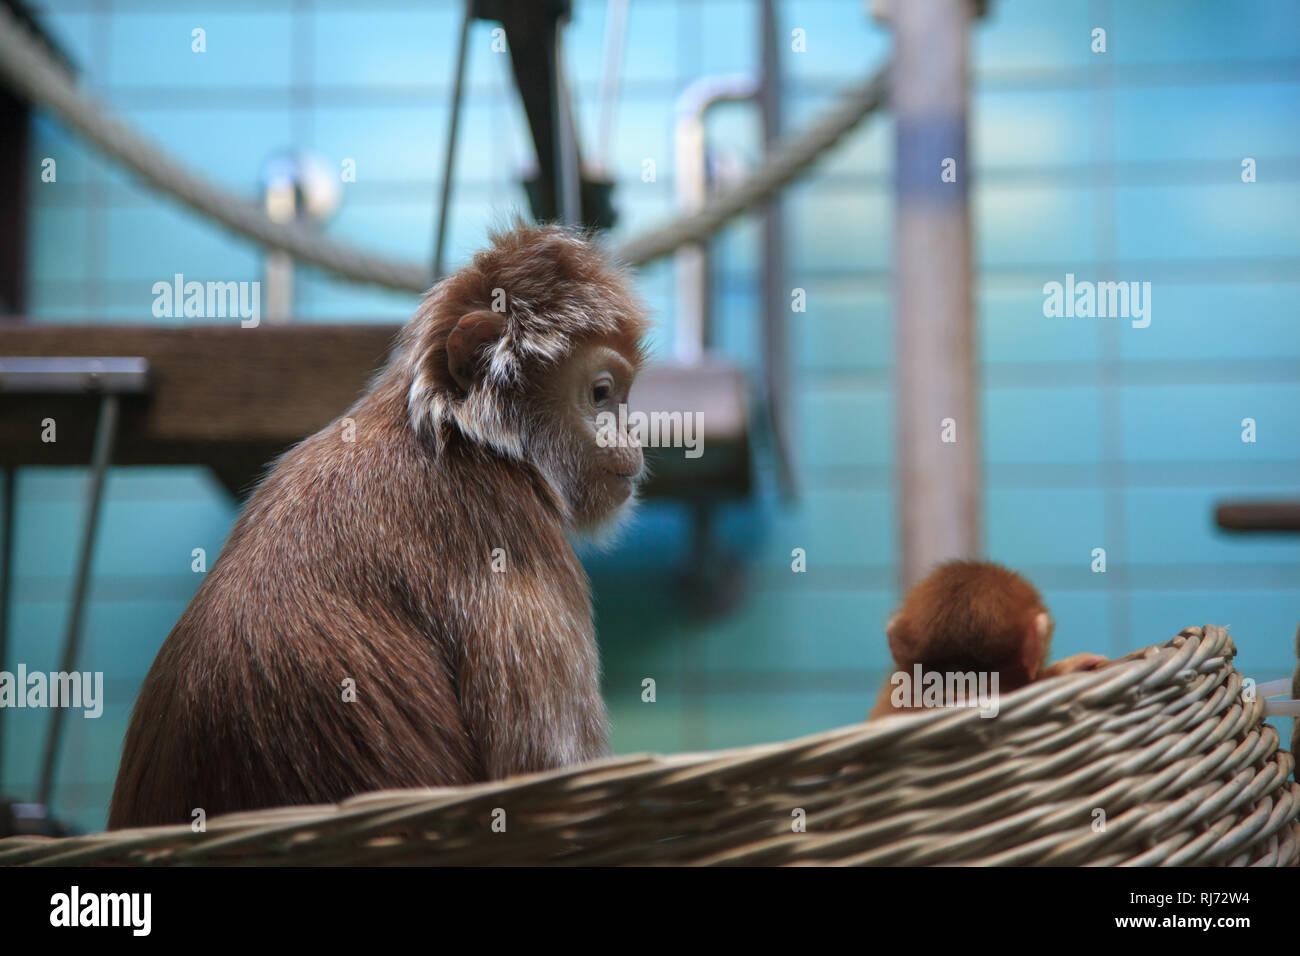 Eine Affenmutter schaut auf Ihr kleines Baby im Korb Immagini Stock